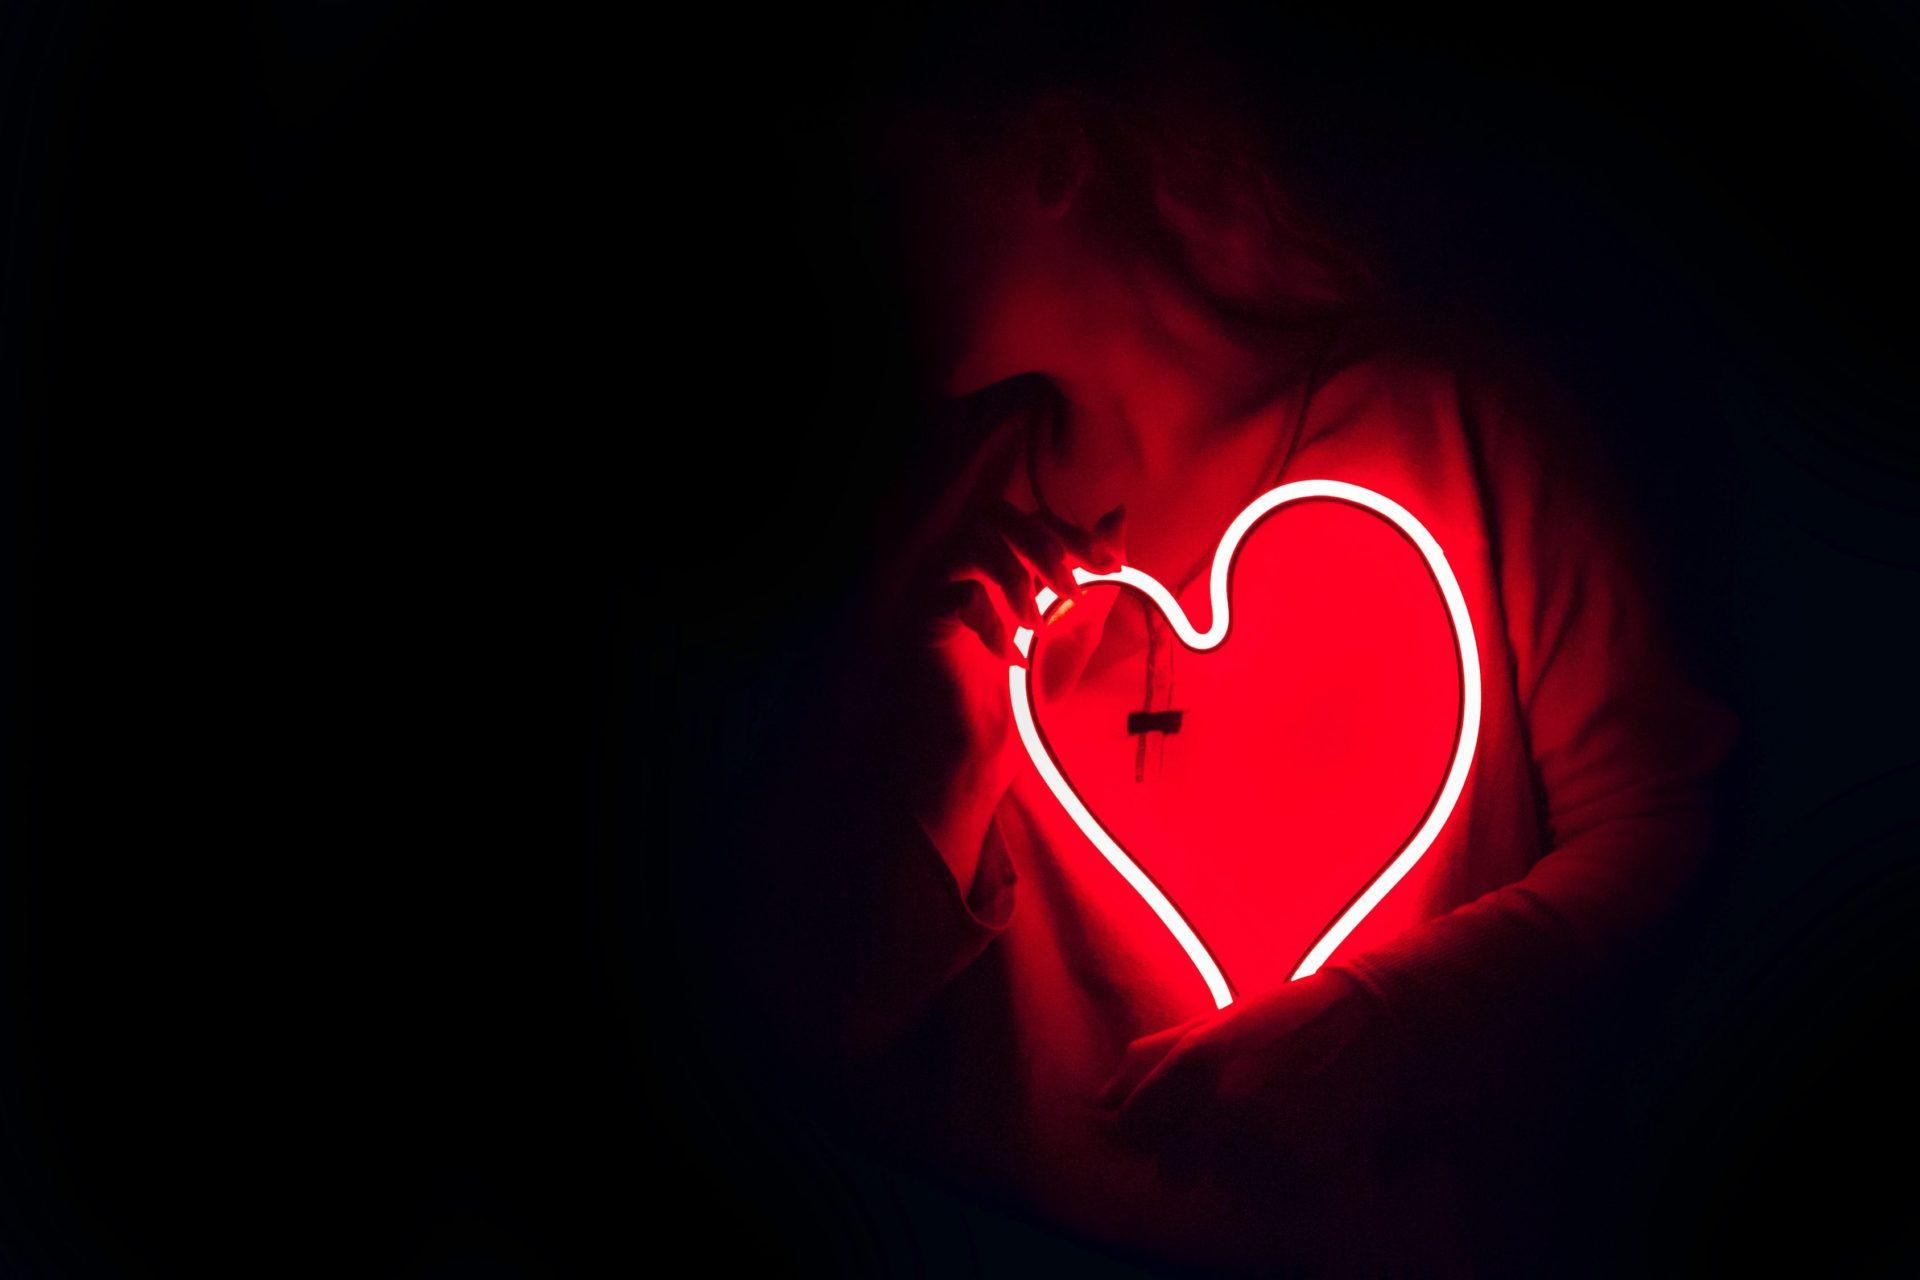 La vie adulte et la malédiction de ne plus dire assez « Je t'aime »